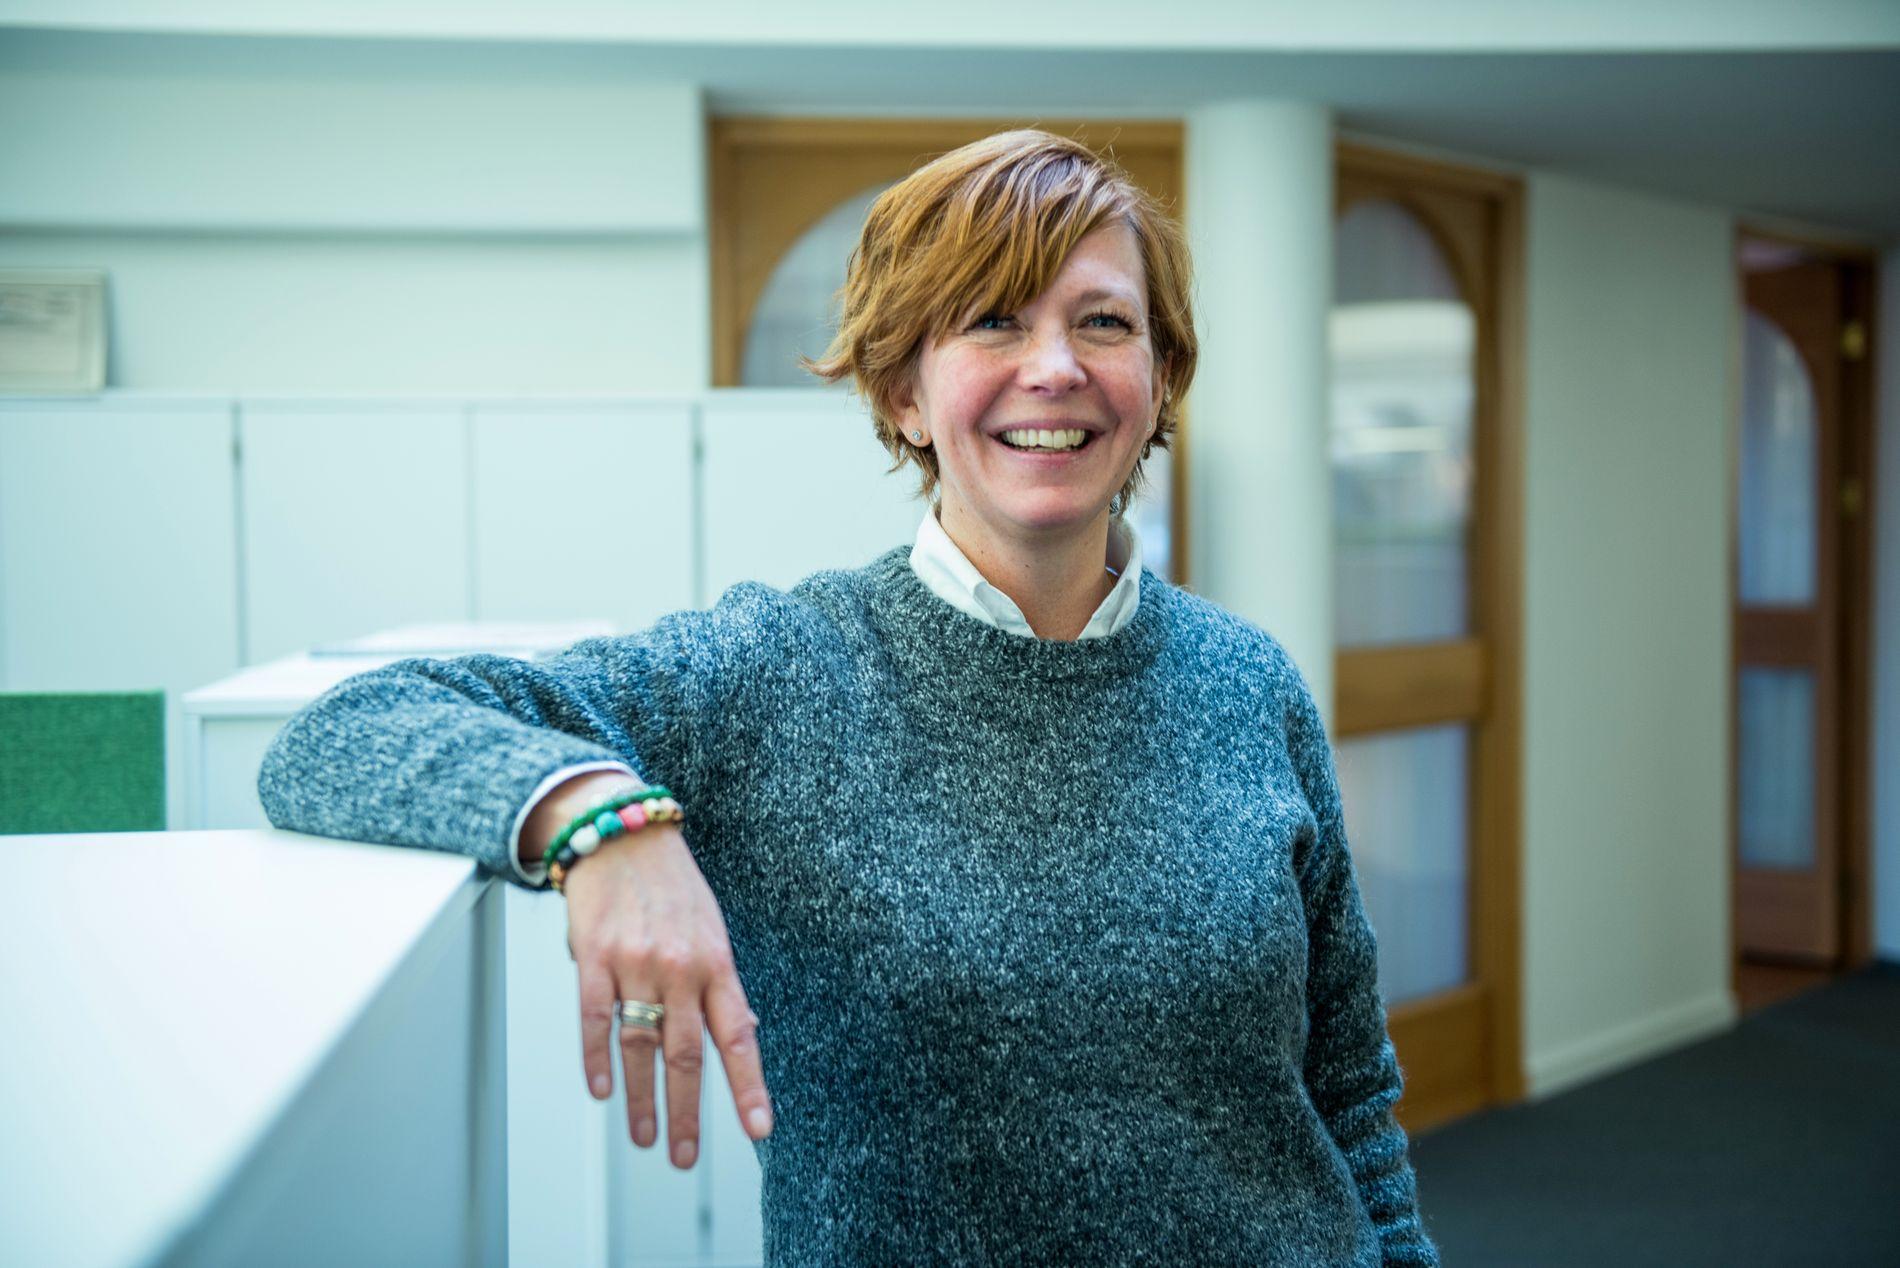 Else-Lill Grønli leder kundeserviceavdelingen i Landkreditt bank.